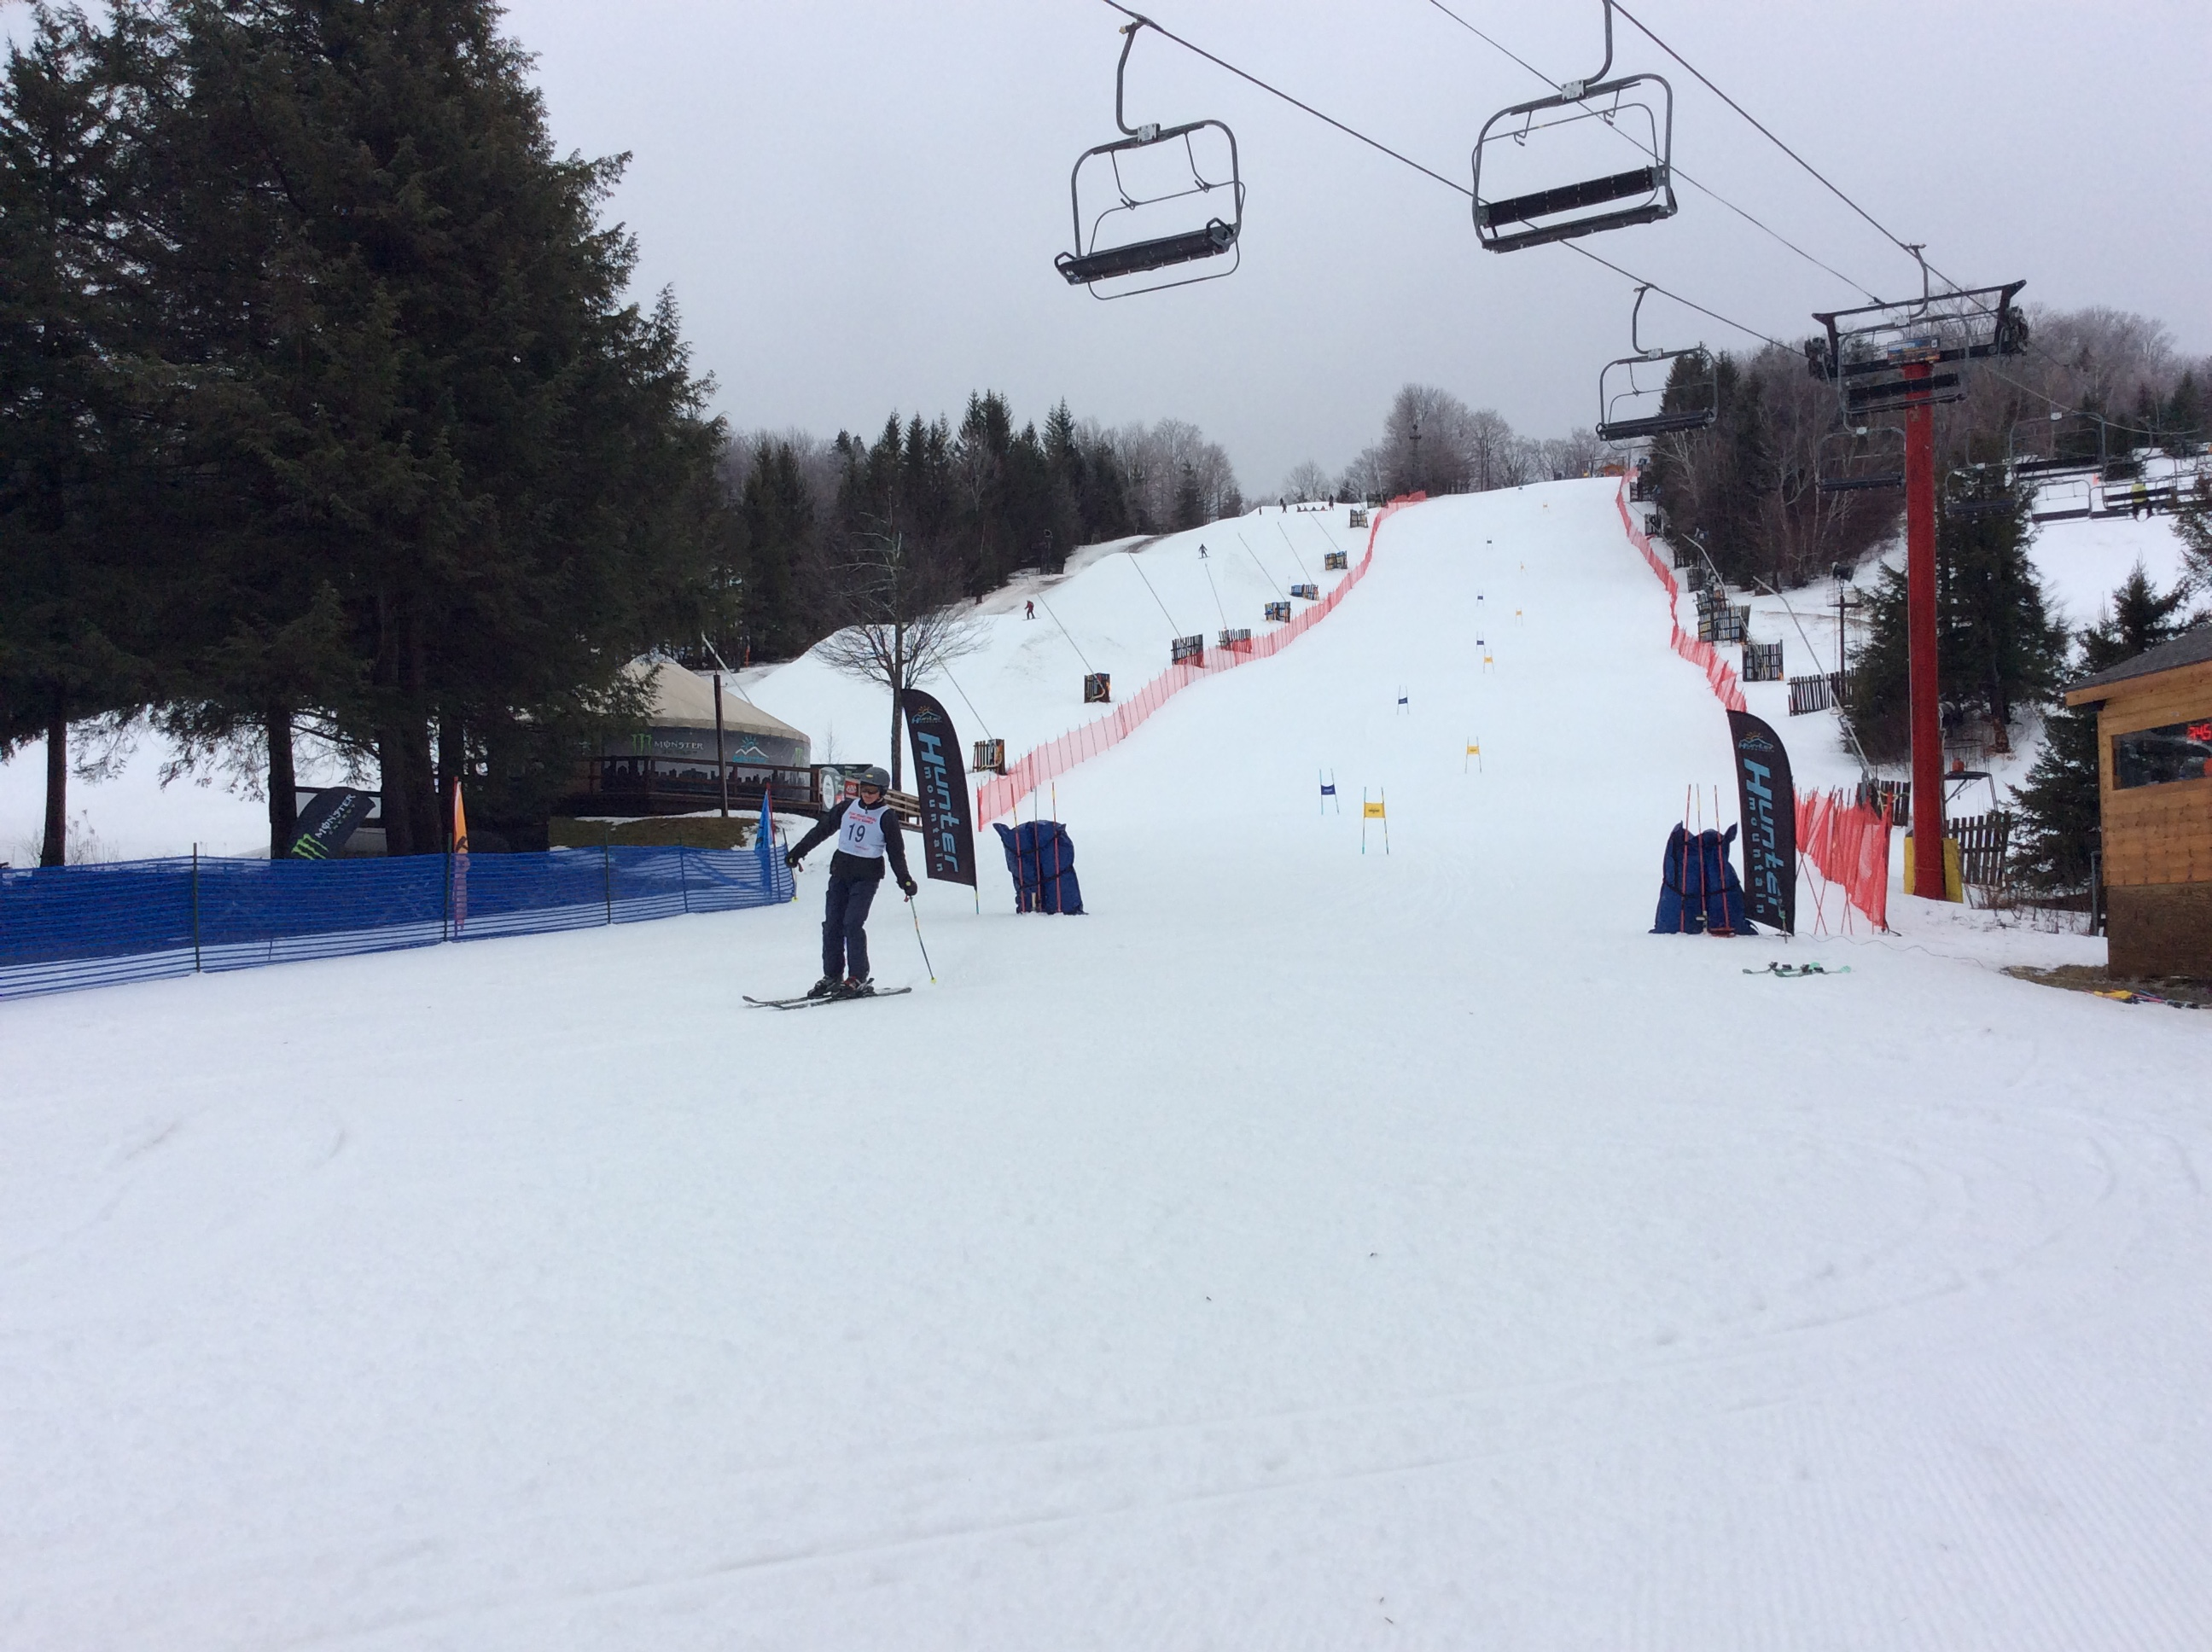 nypd-ski-club_32245991472_o